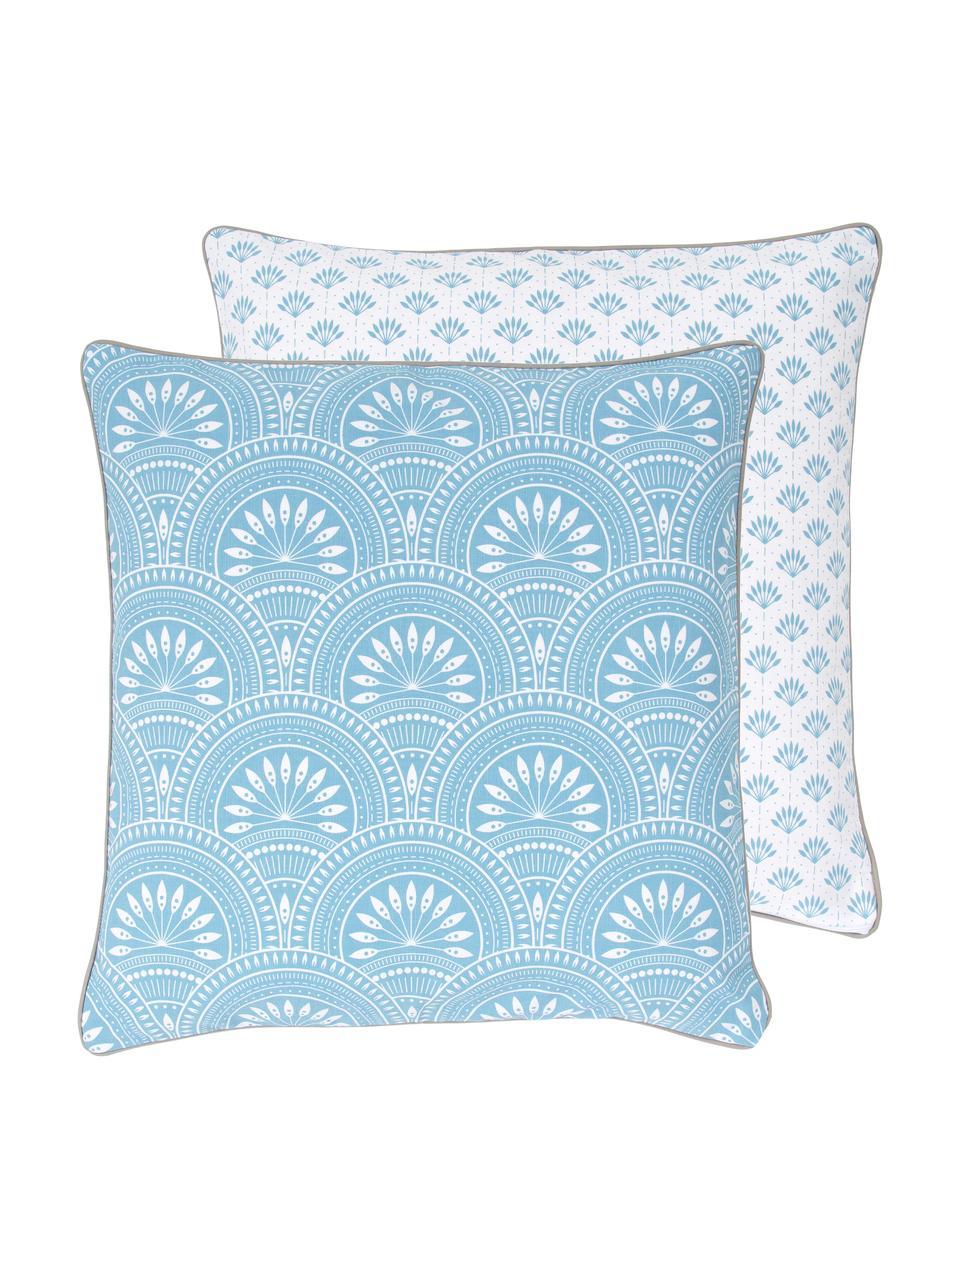 Housse de coussin 45x45 réversible en coton bio Tiara, Bleu, blanc